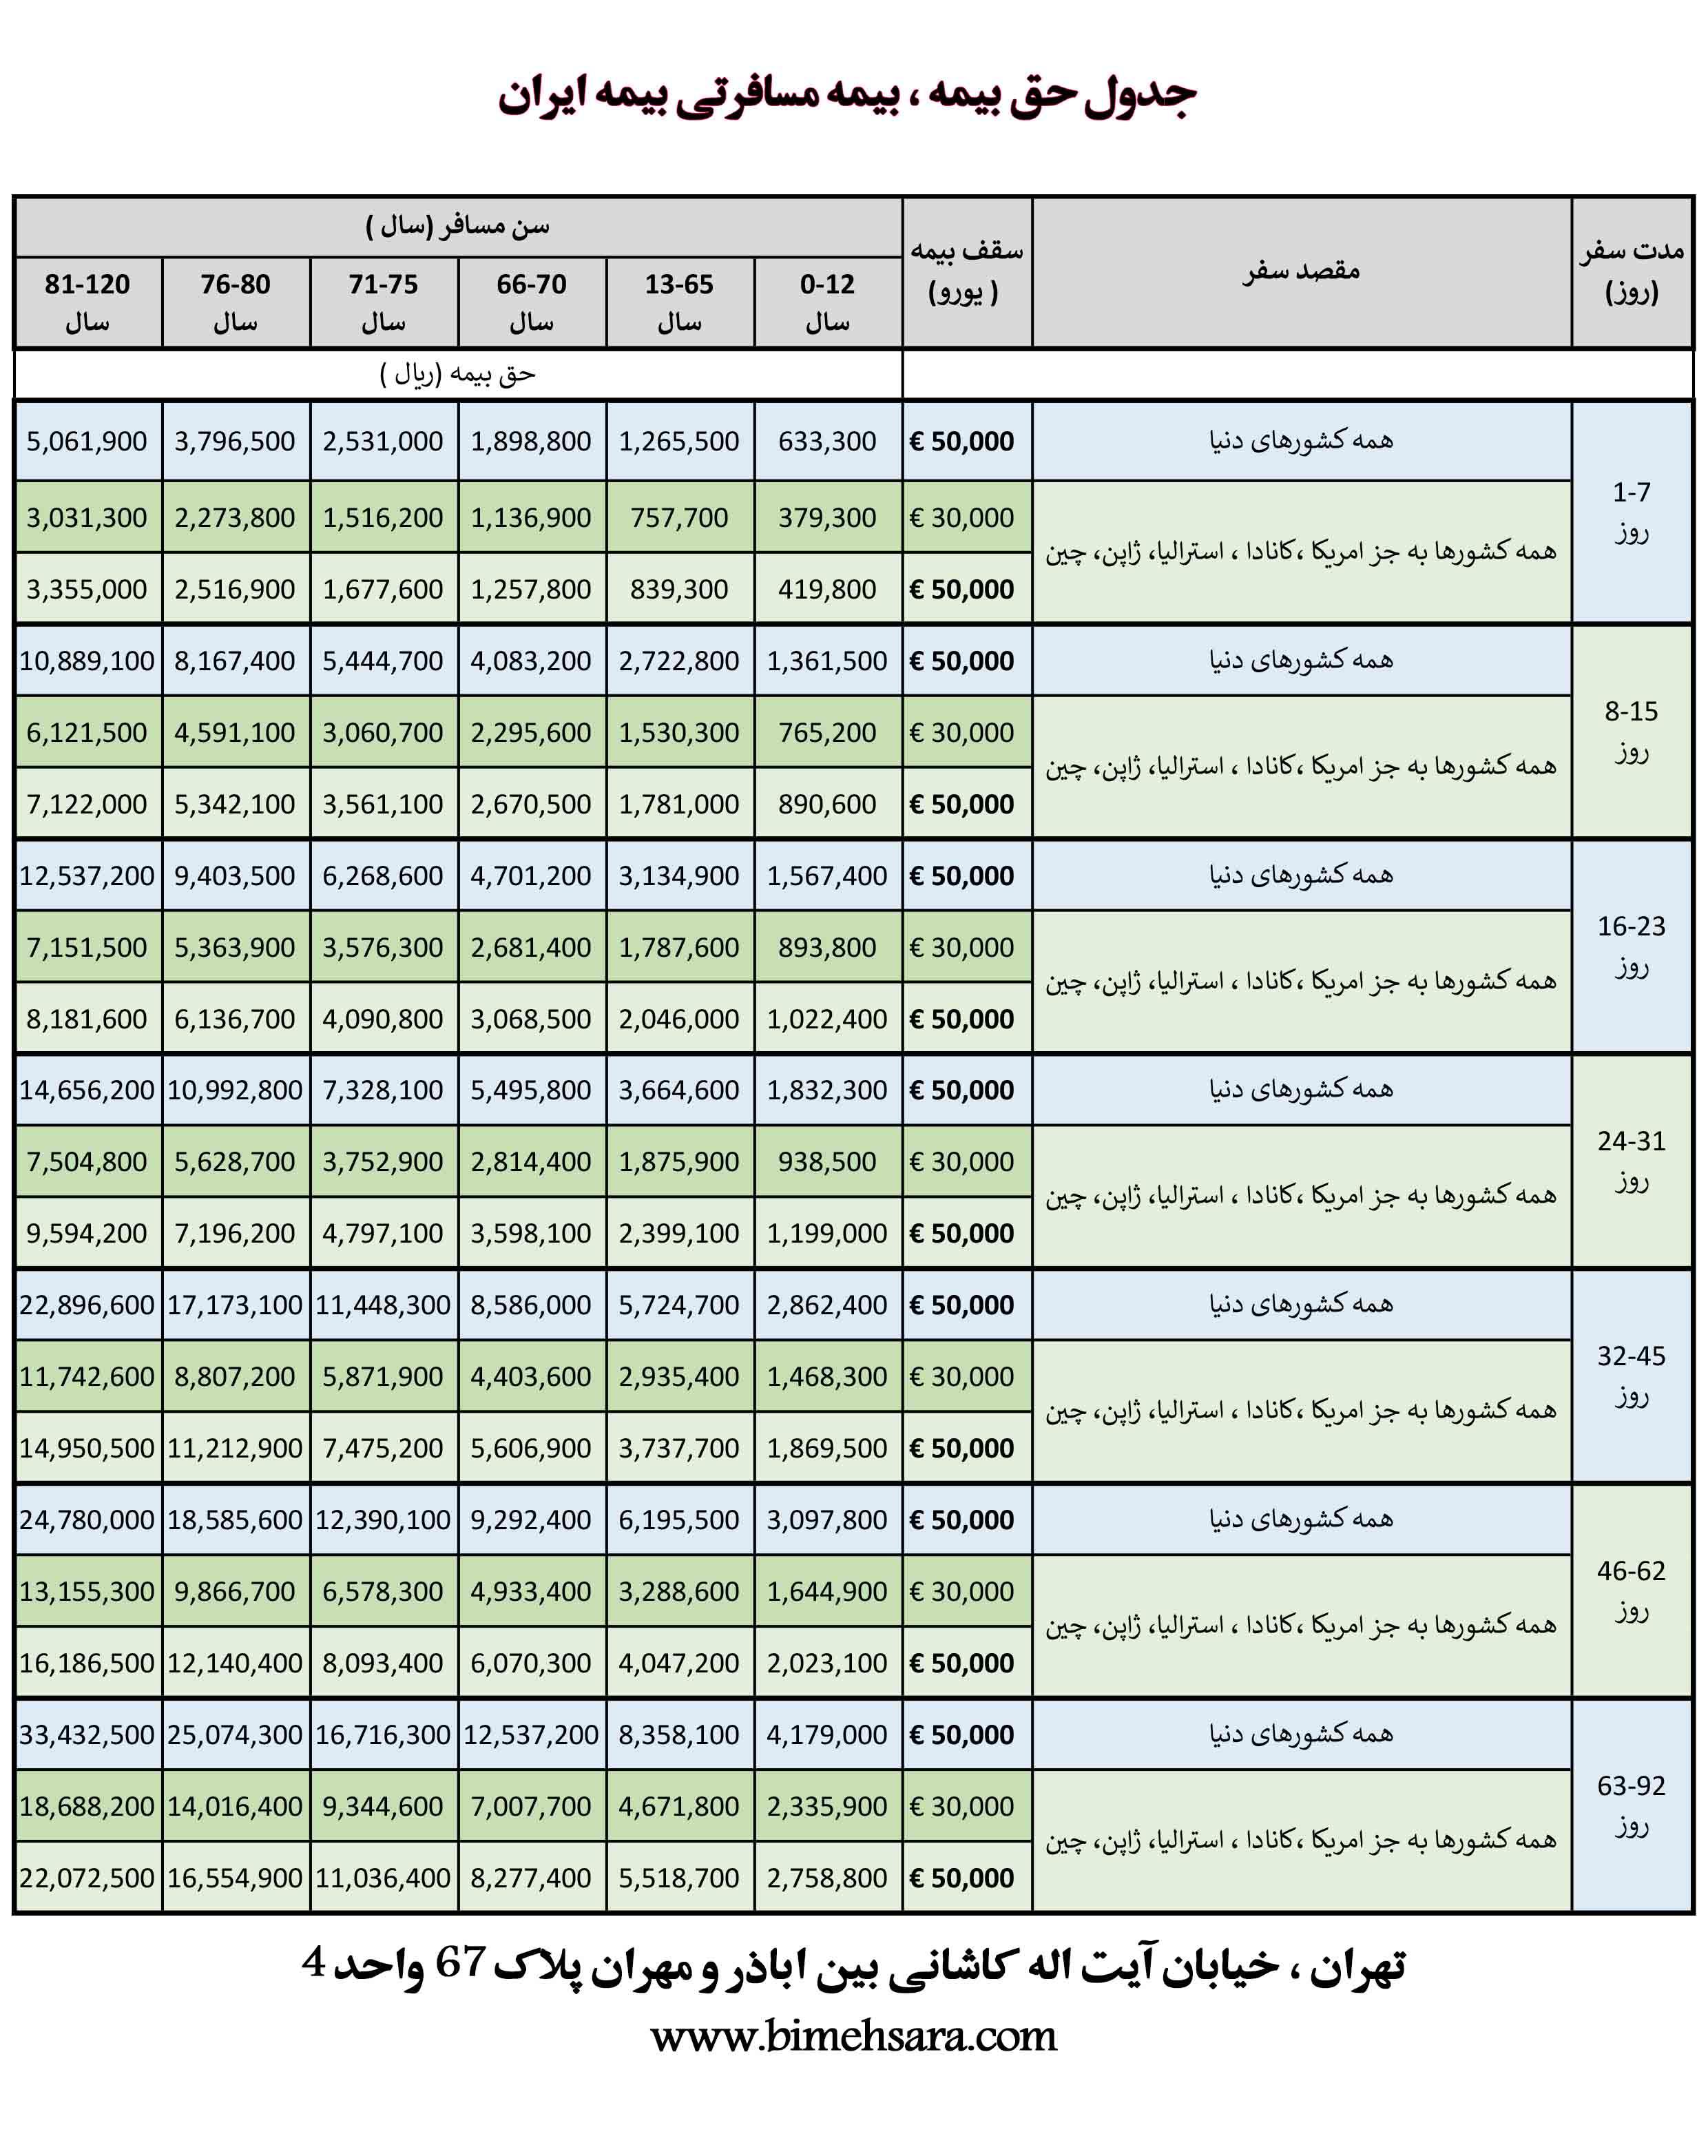 جدول حق بیمه بیمه مسافرتی بیمه ایران